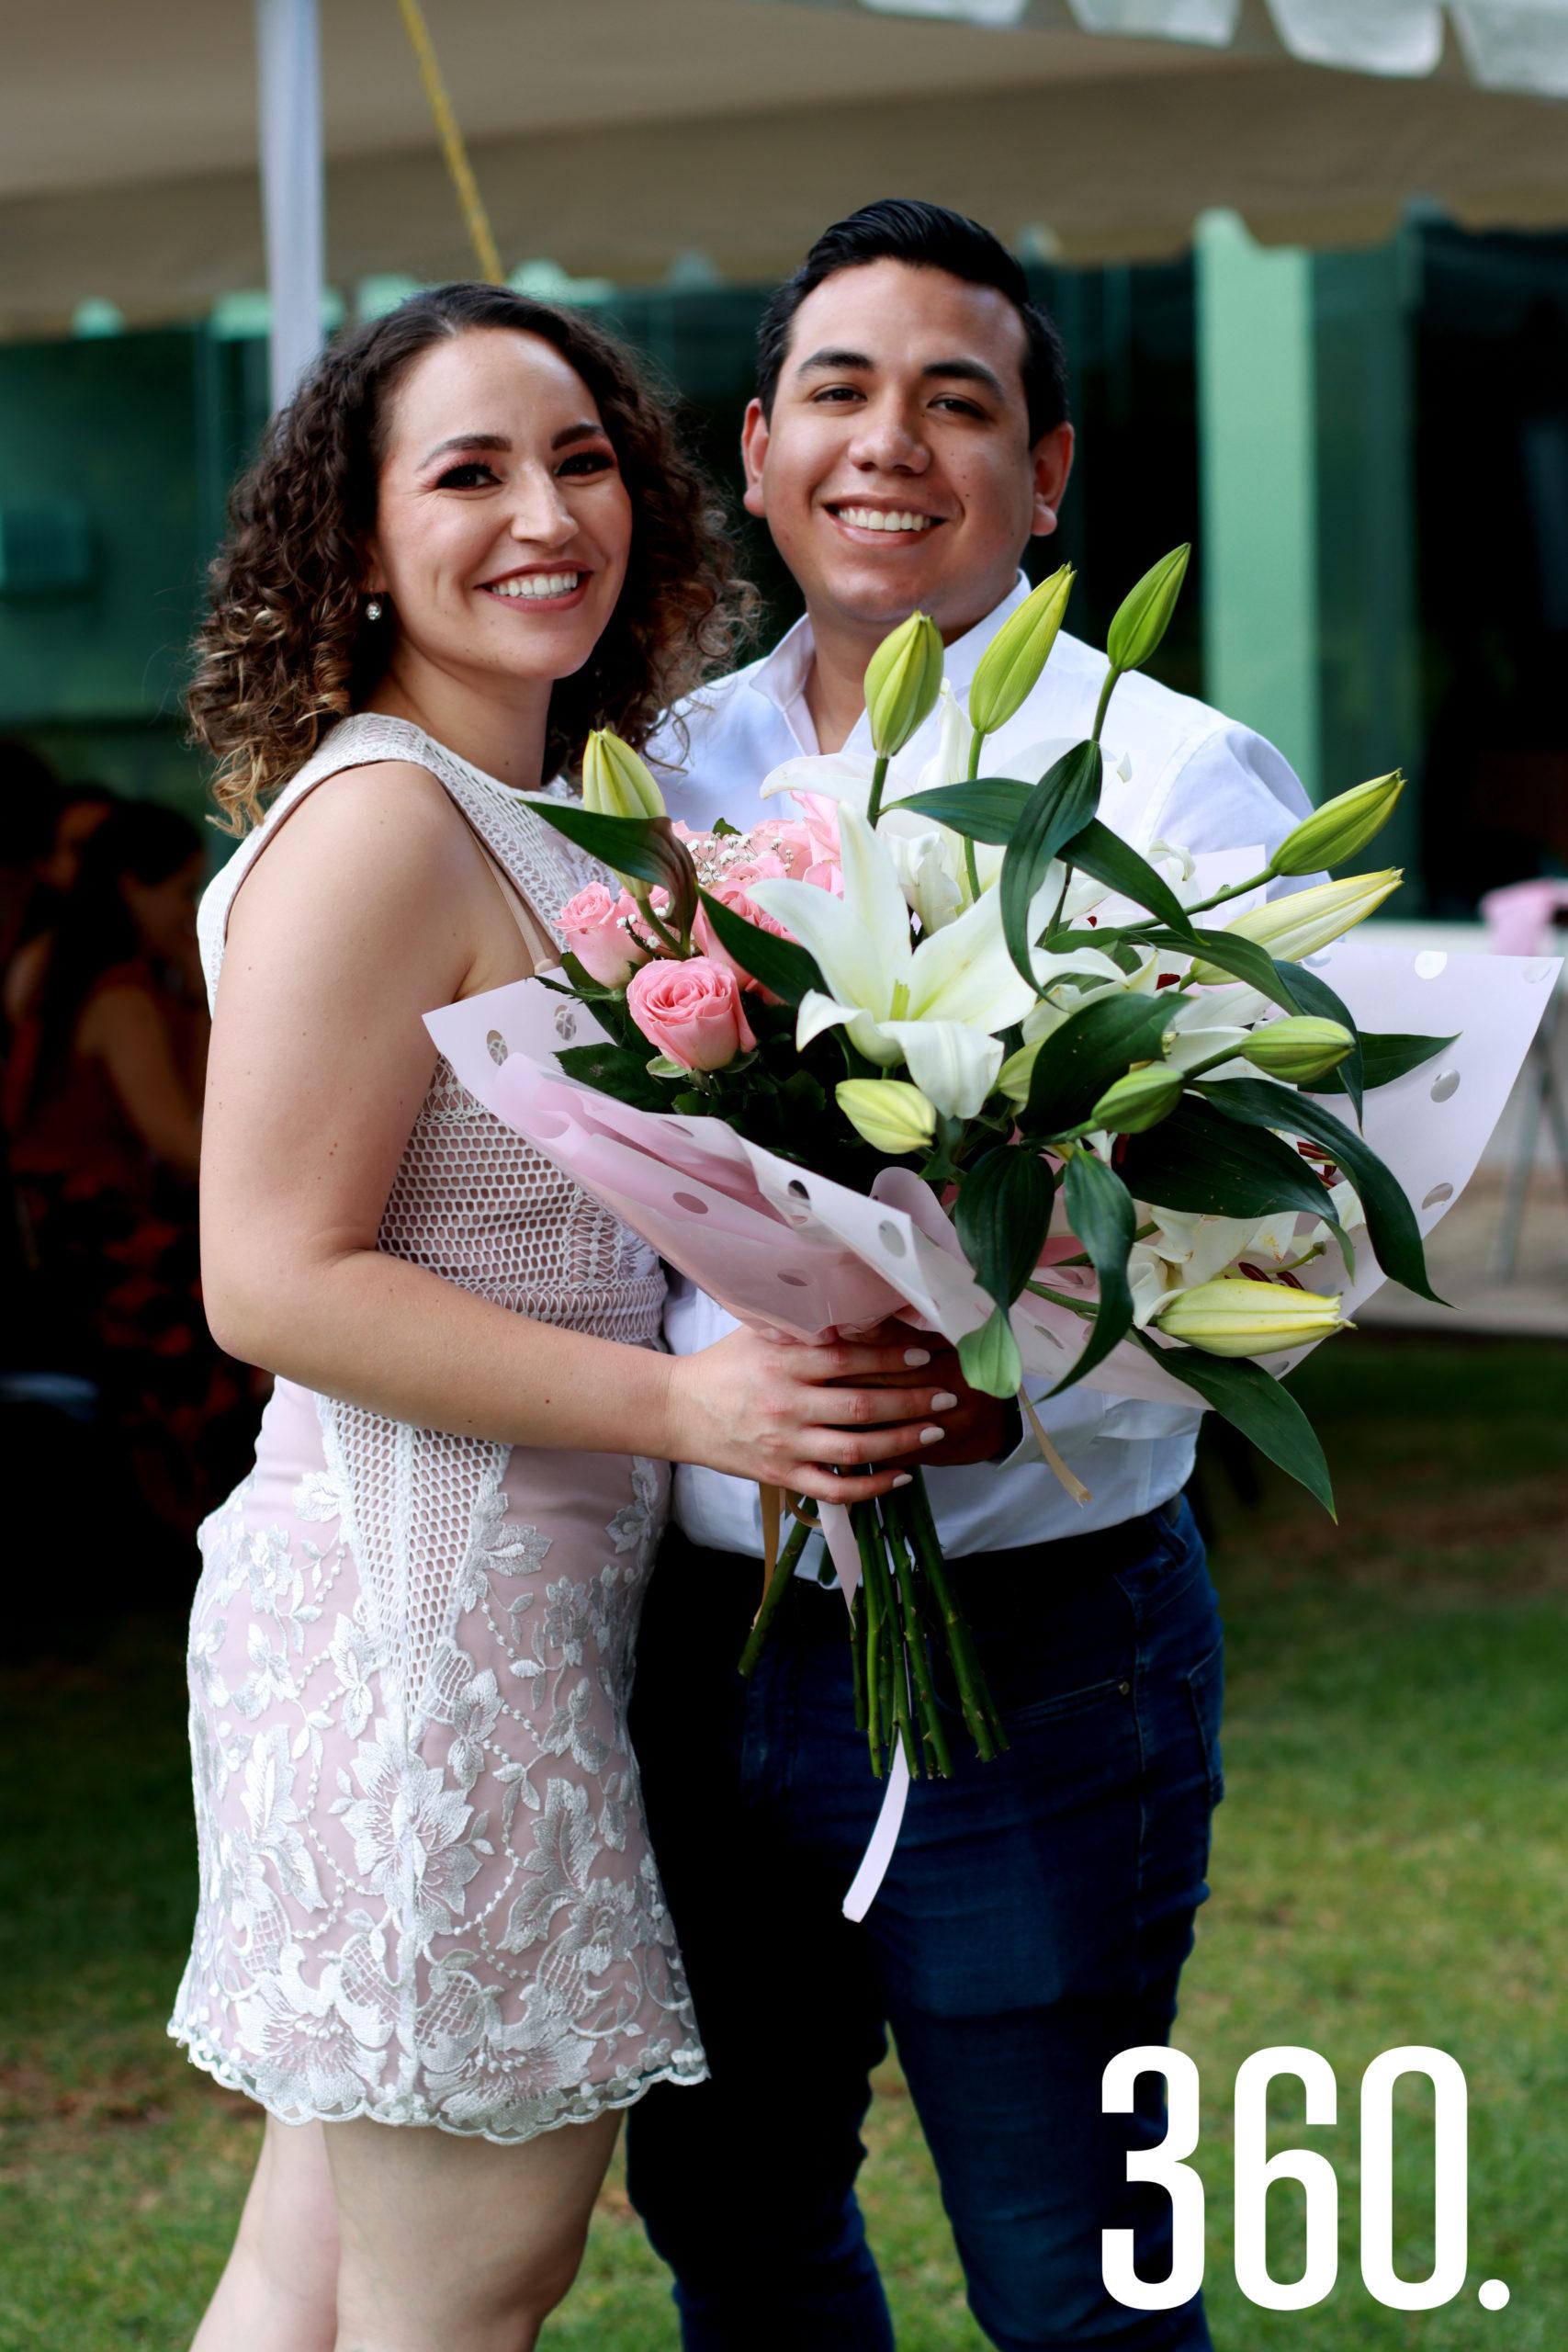 Ana Cecilia recibió un ramo de flores de parte de su novio, Romero Fabián Trujillo Leija.